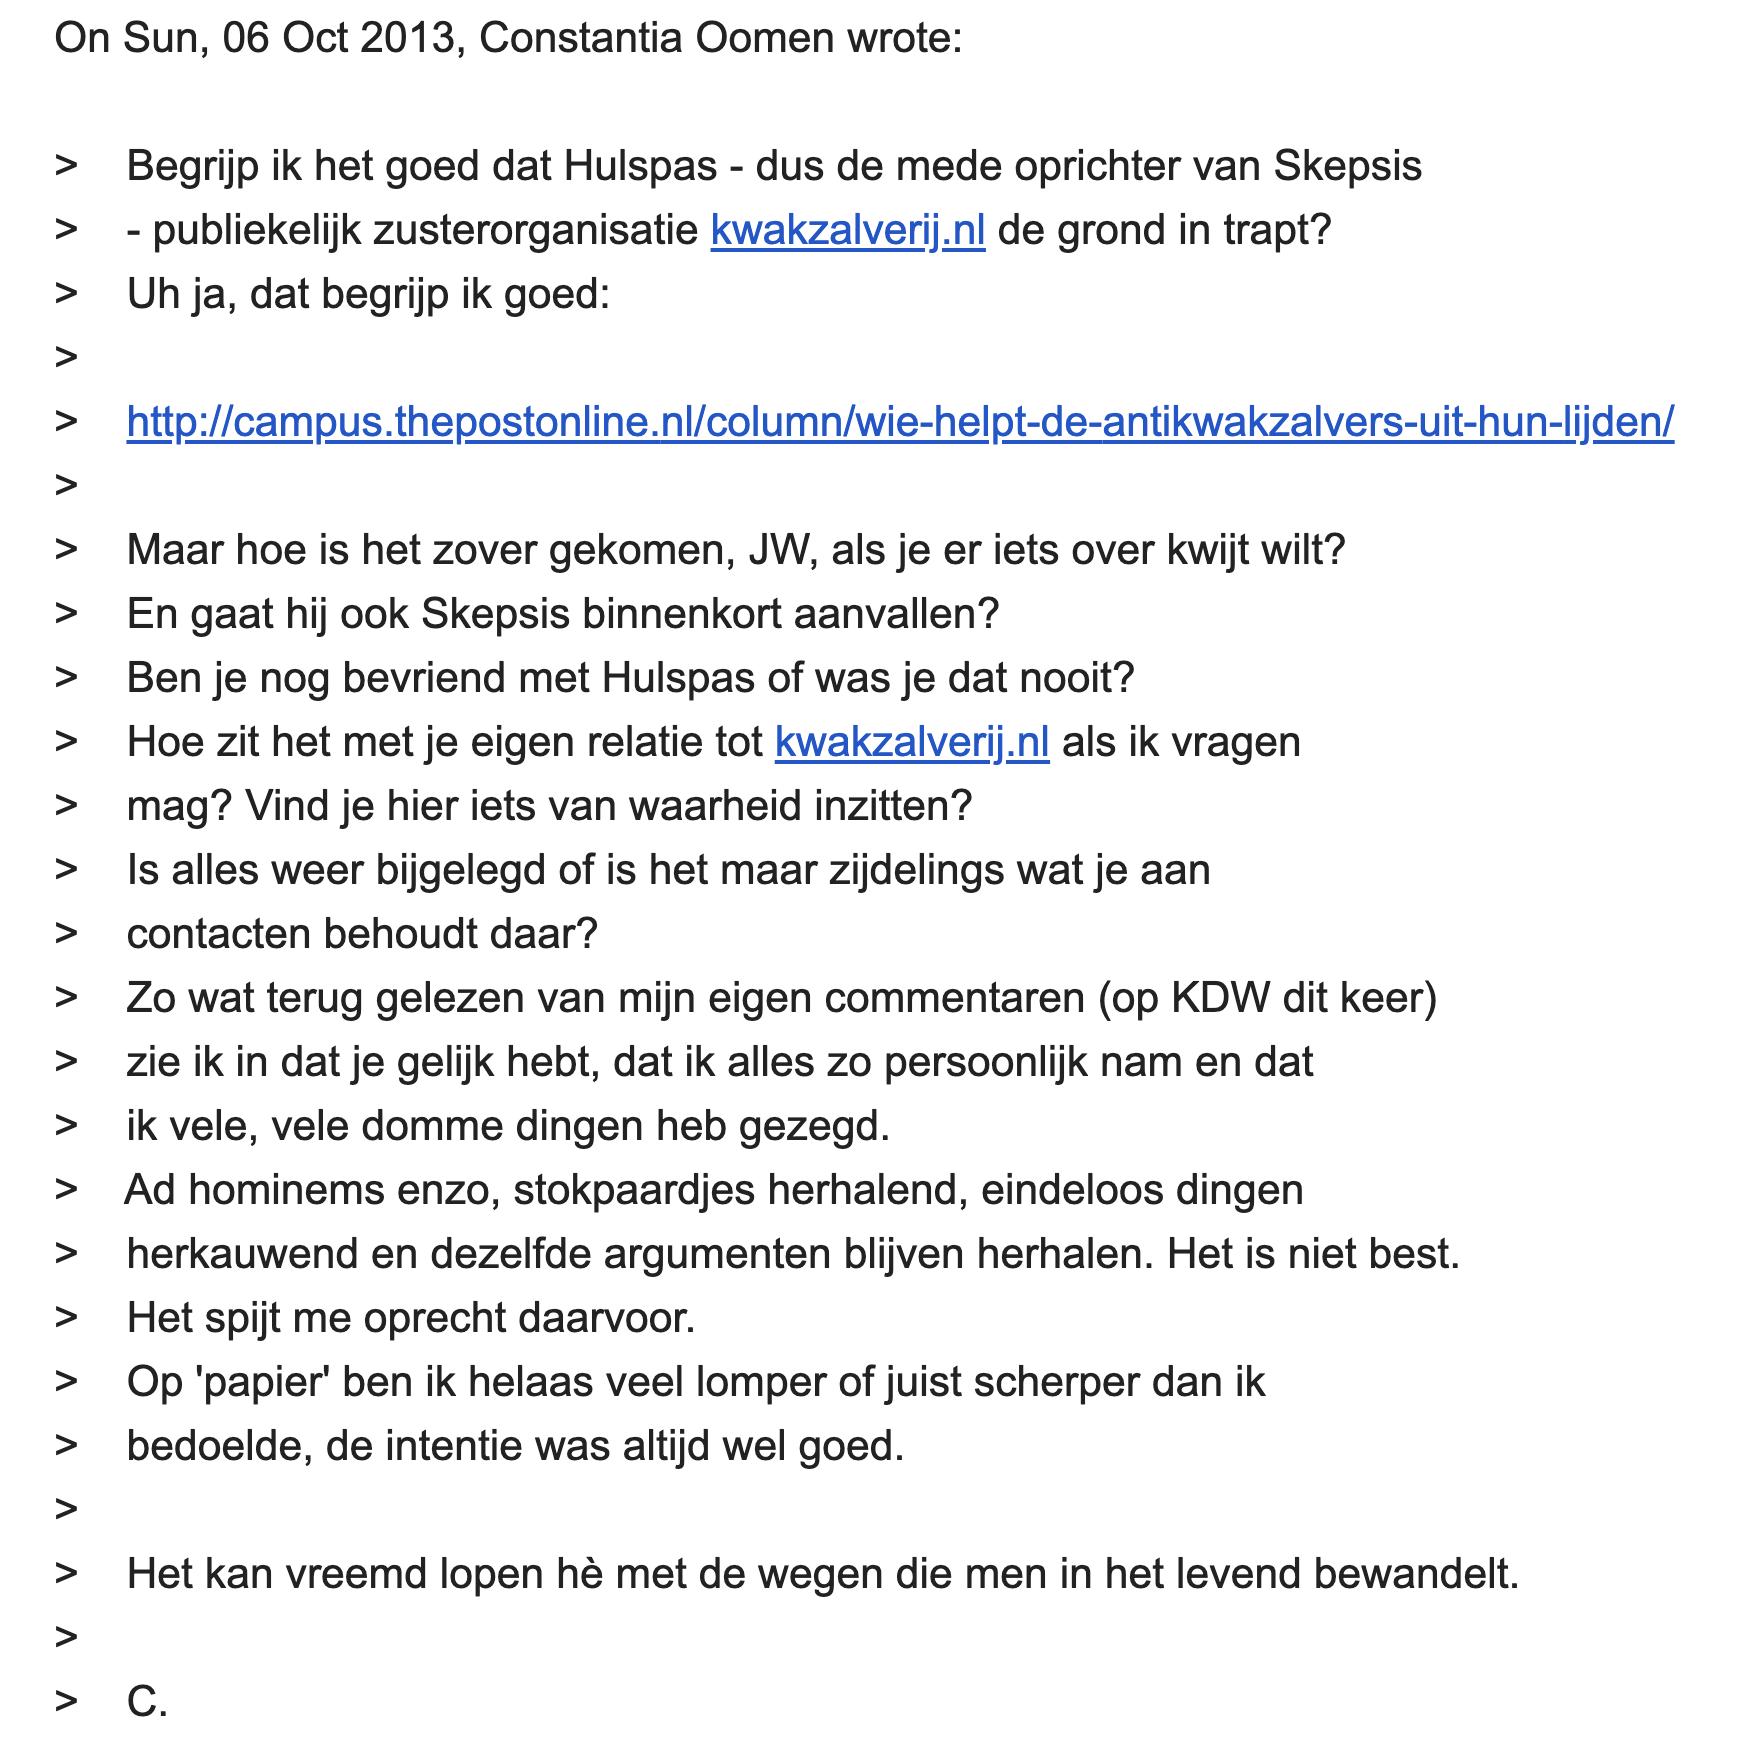 Constantia Oomen in een email naar Jan Willem Nienhuys op 6 oktober 2013